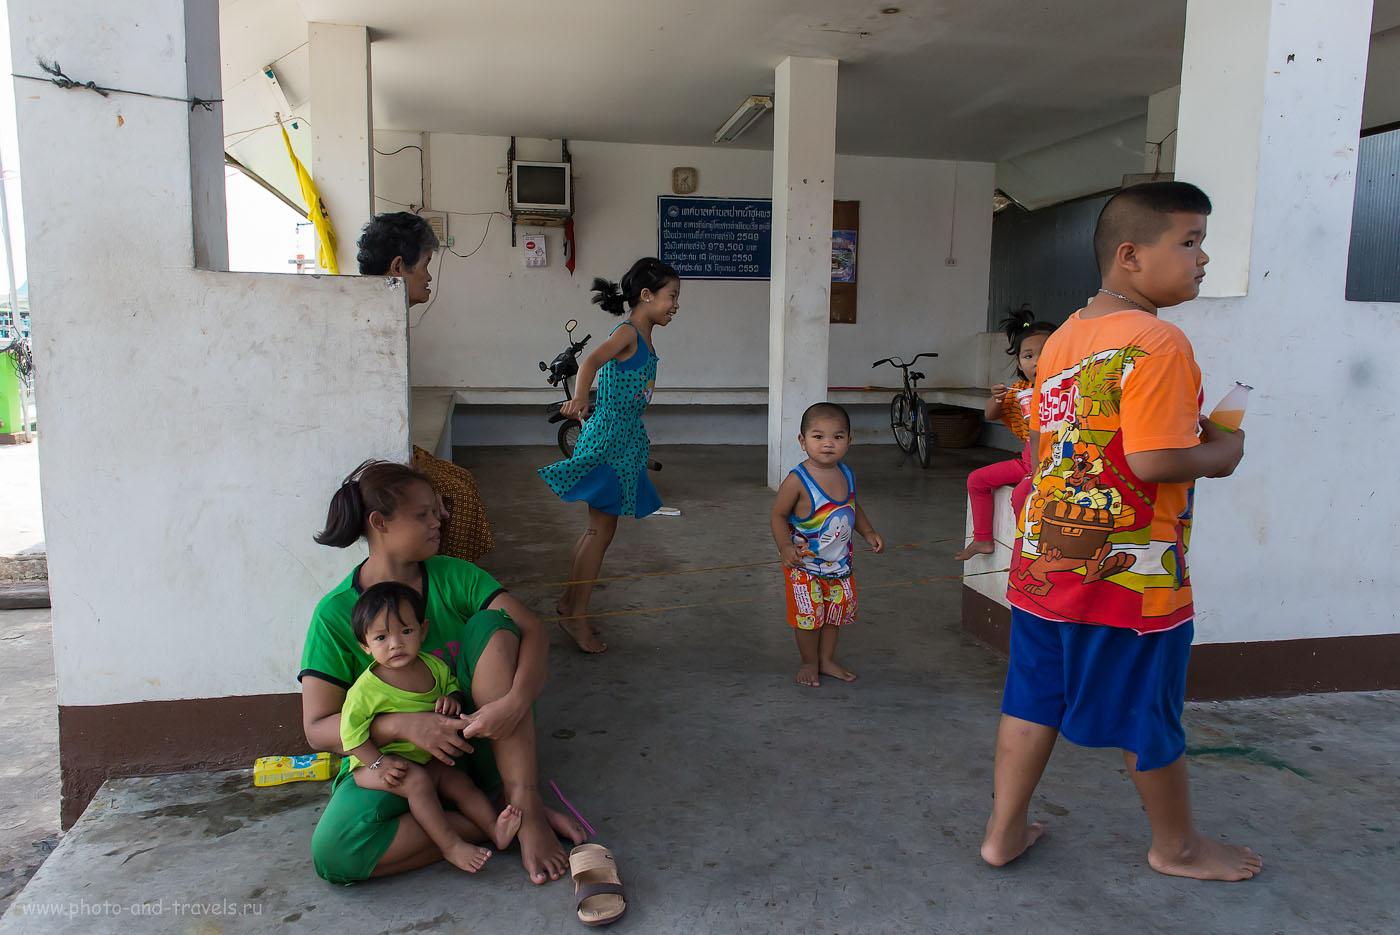 """Фото. Экскурсия в рыбацкую деревню в Таиланде. Игра """"в резинку"""". (2500, 24, 7.1, 1/640)"""